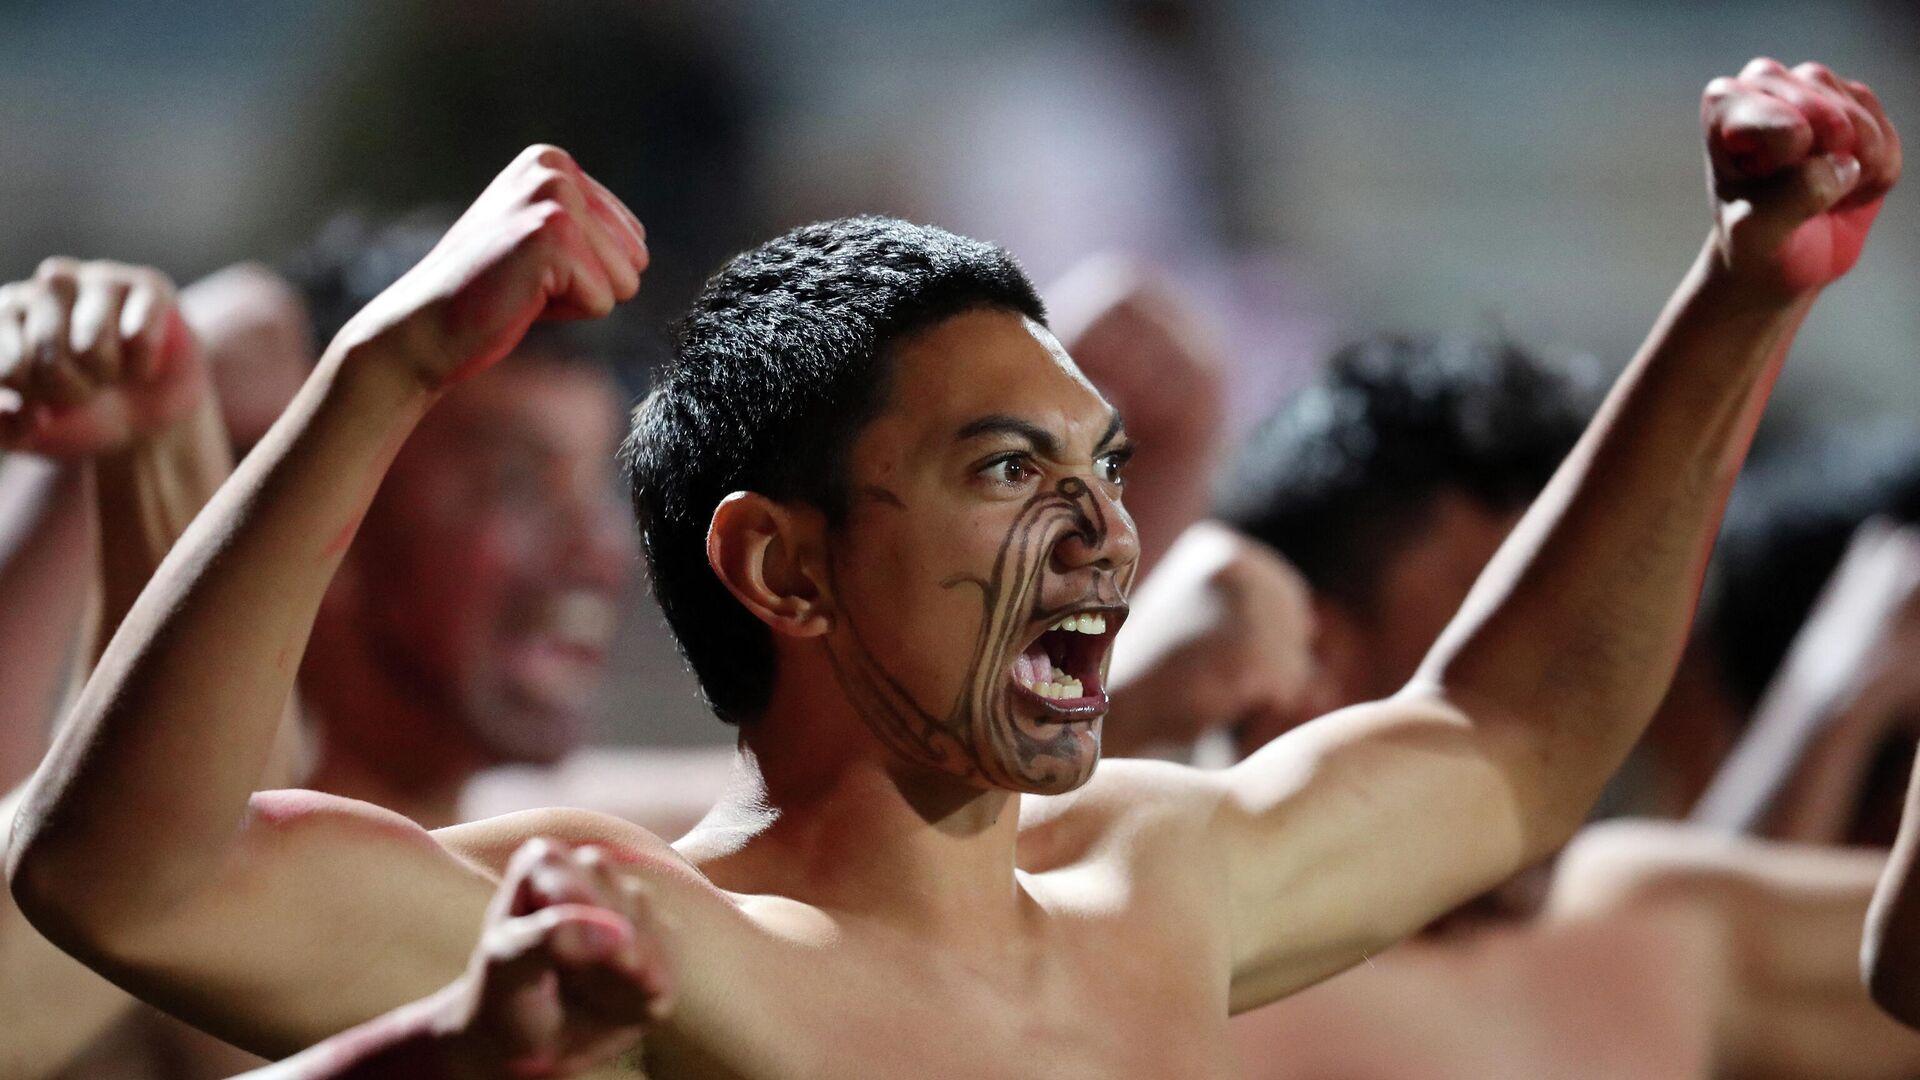 Un guerrero maorí durante una celebración en un torneo de rugby de 2018 - Sputnik Mundo, 1920, 14.05.2021